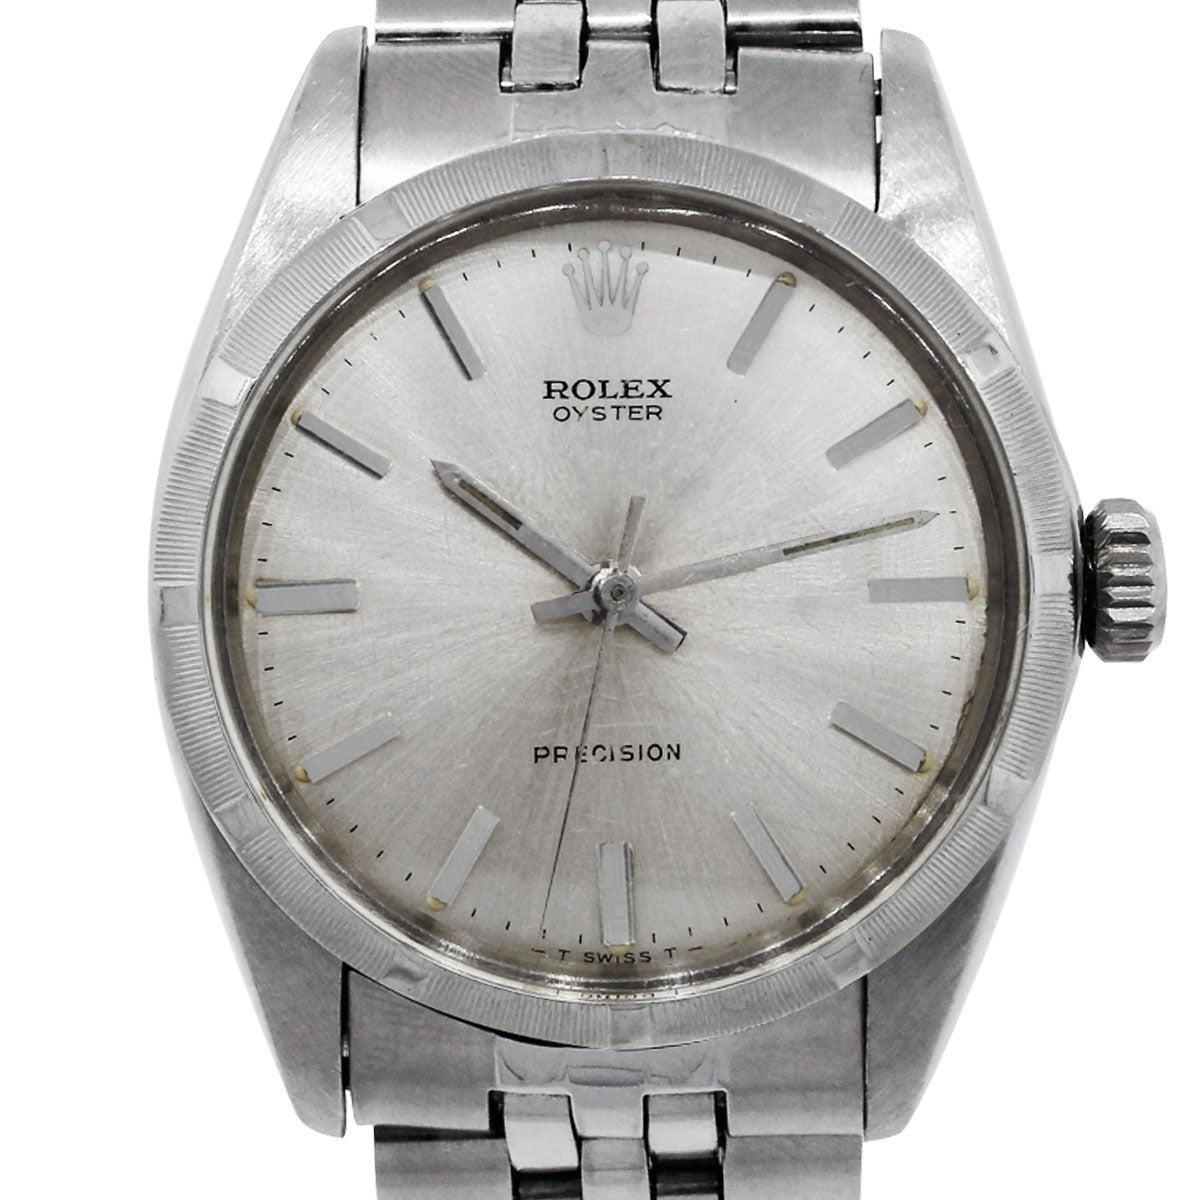 Rolex 6427 Oyster Precision Vintage Rolex Watch